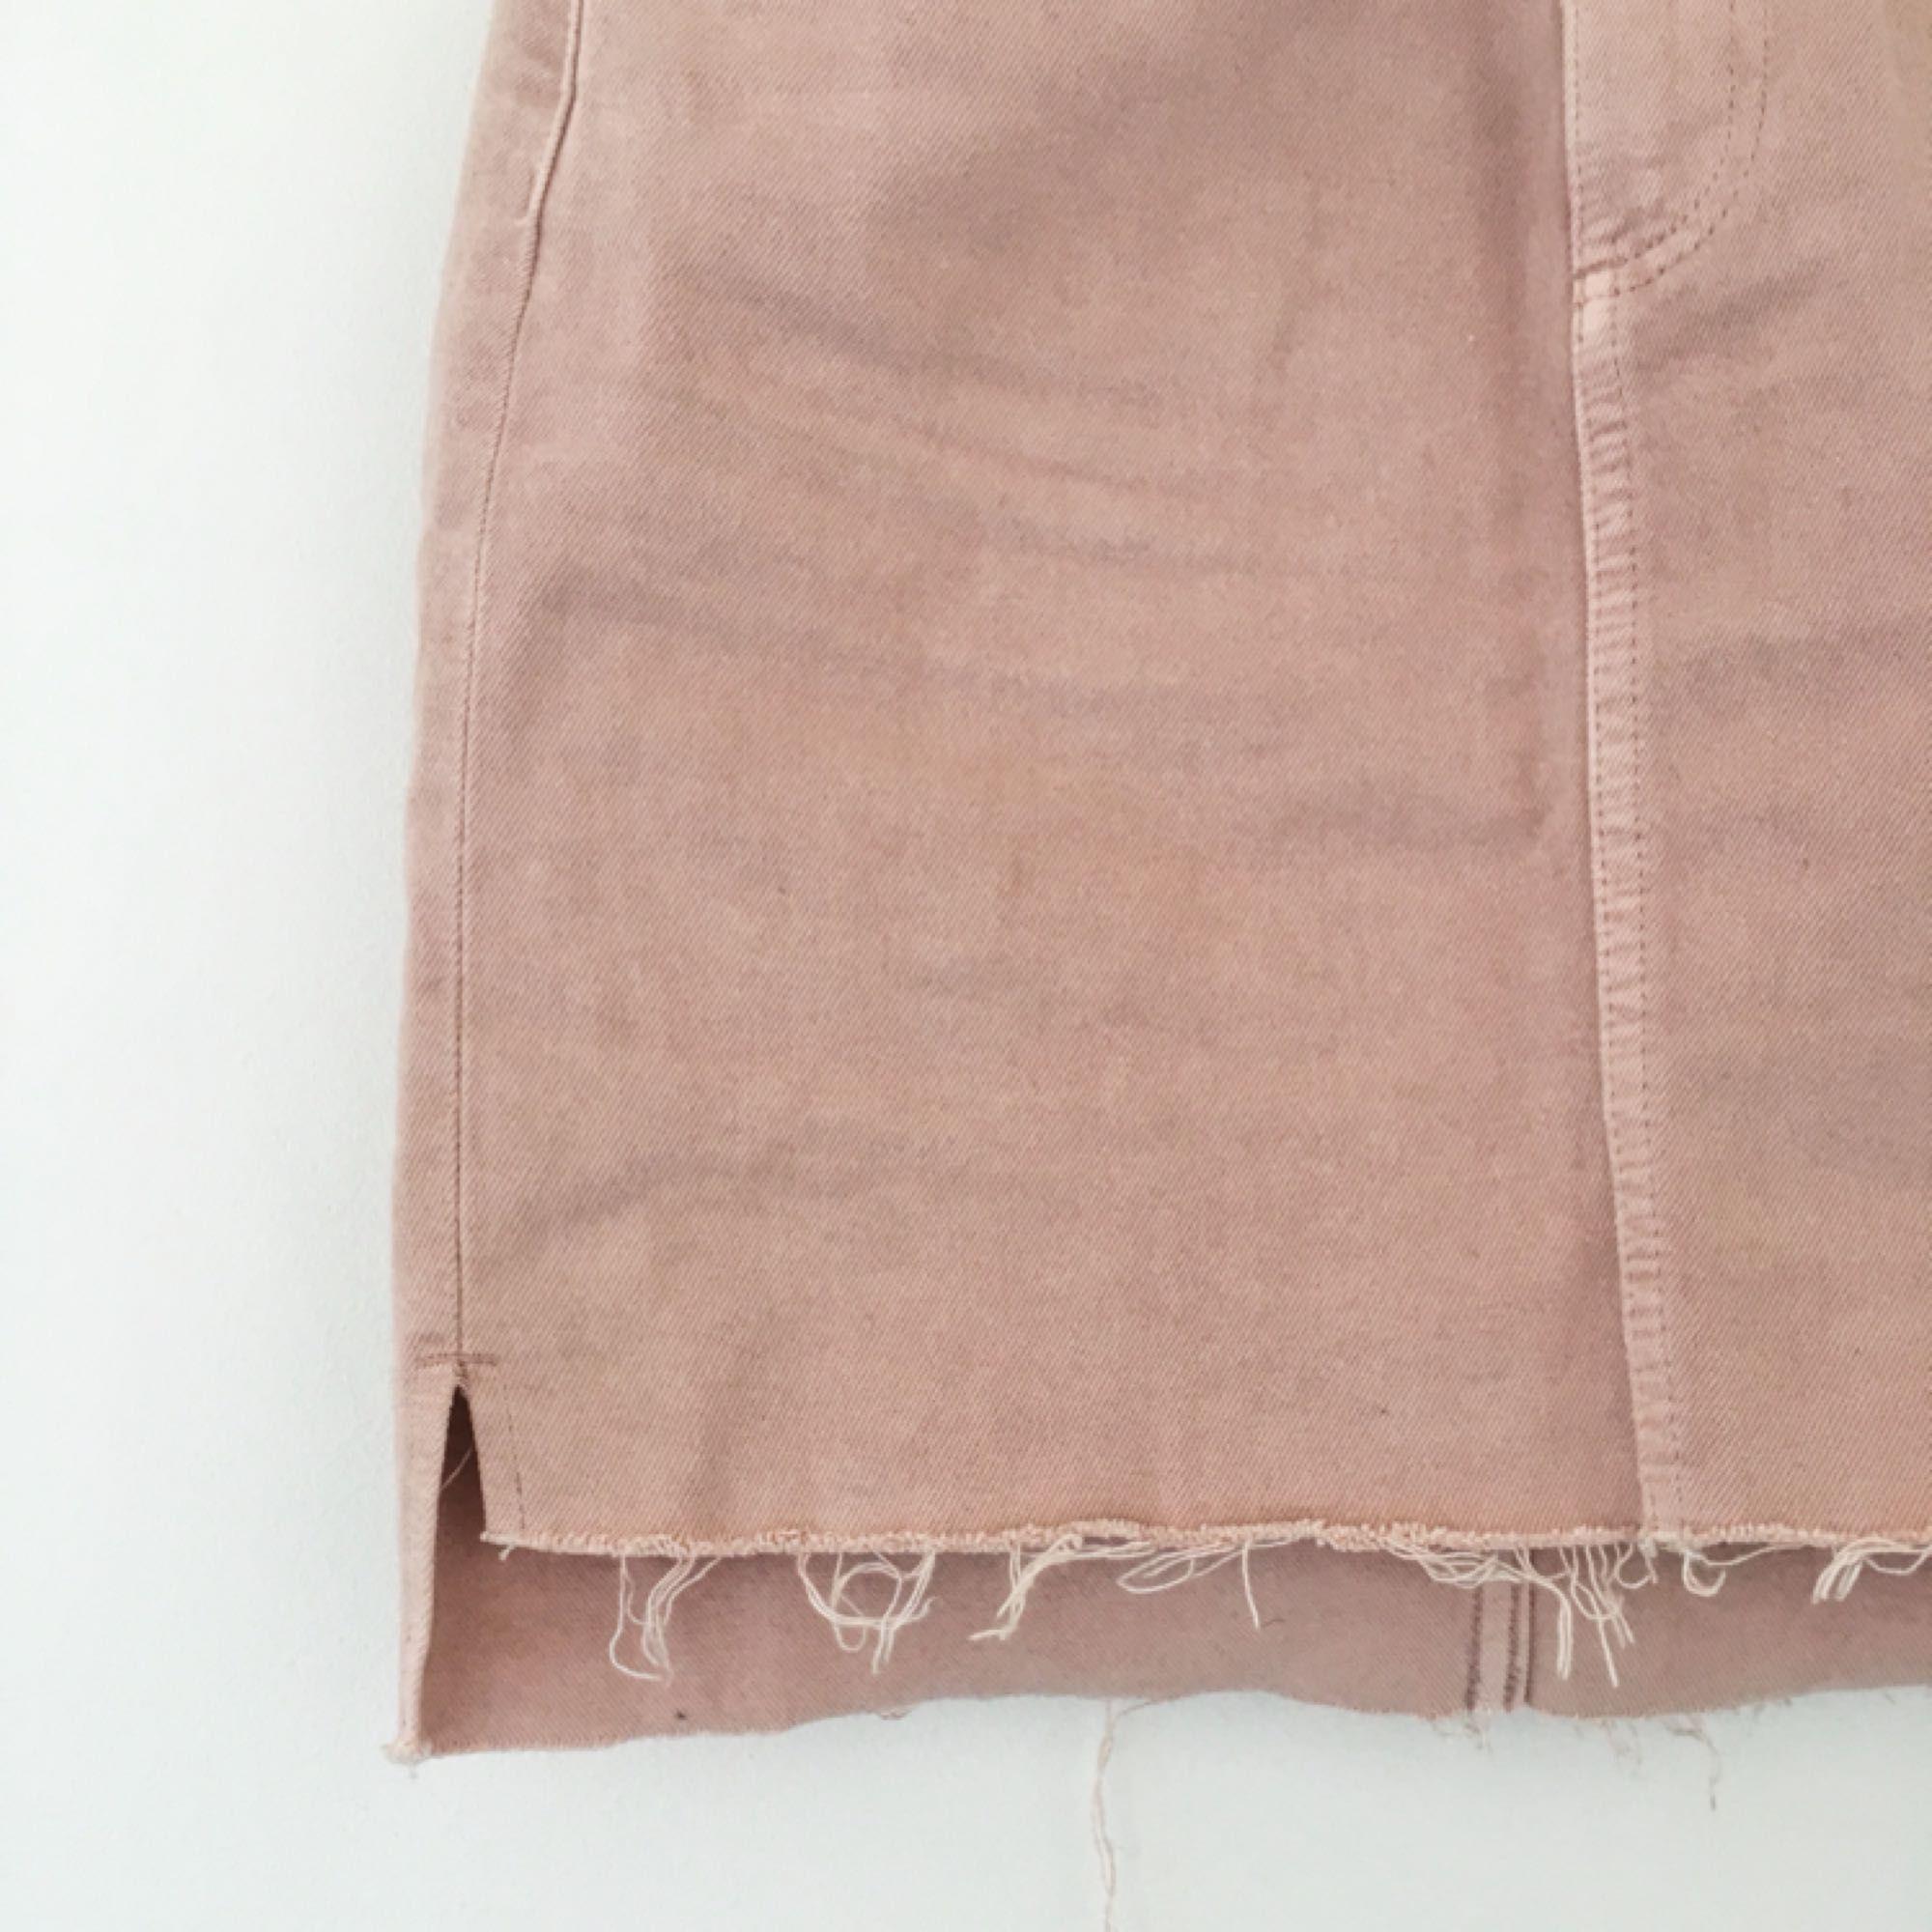 Gammelrosa jeanskjol från H&M. Köpt på plick men tyvärr för liten för mig. Så himla vårig och fin, är så ledsen att behöva sälja den. Köparen står för frakten 🌸. Kjolar.